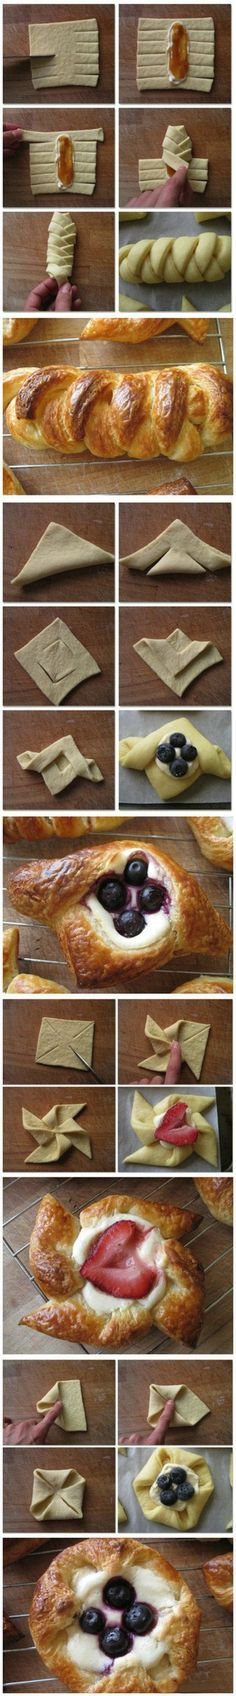 【作坊】花式面包.. - 堆糖 发现生活_收集美好_分享图片